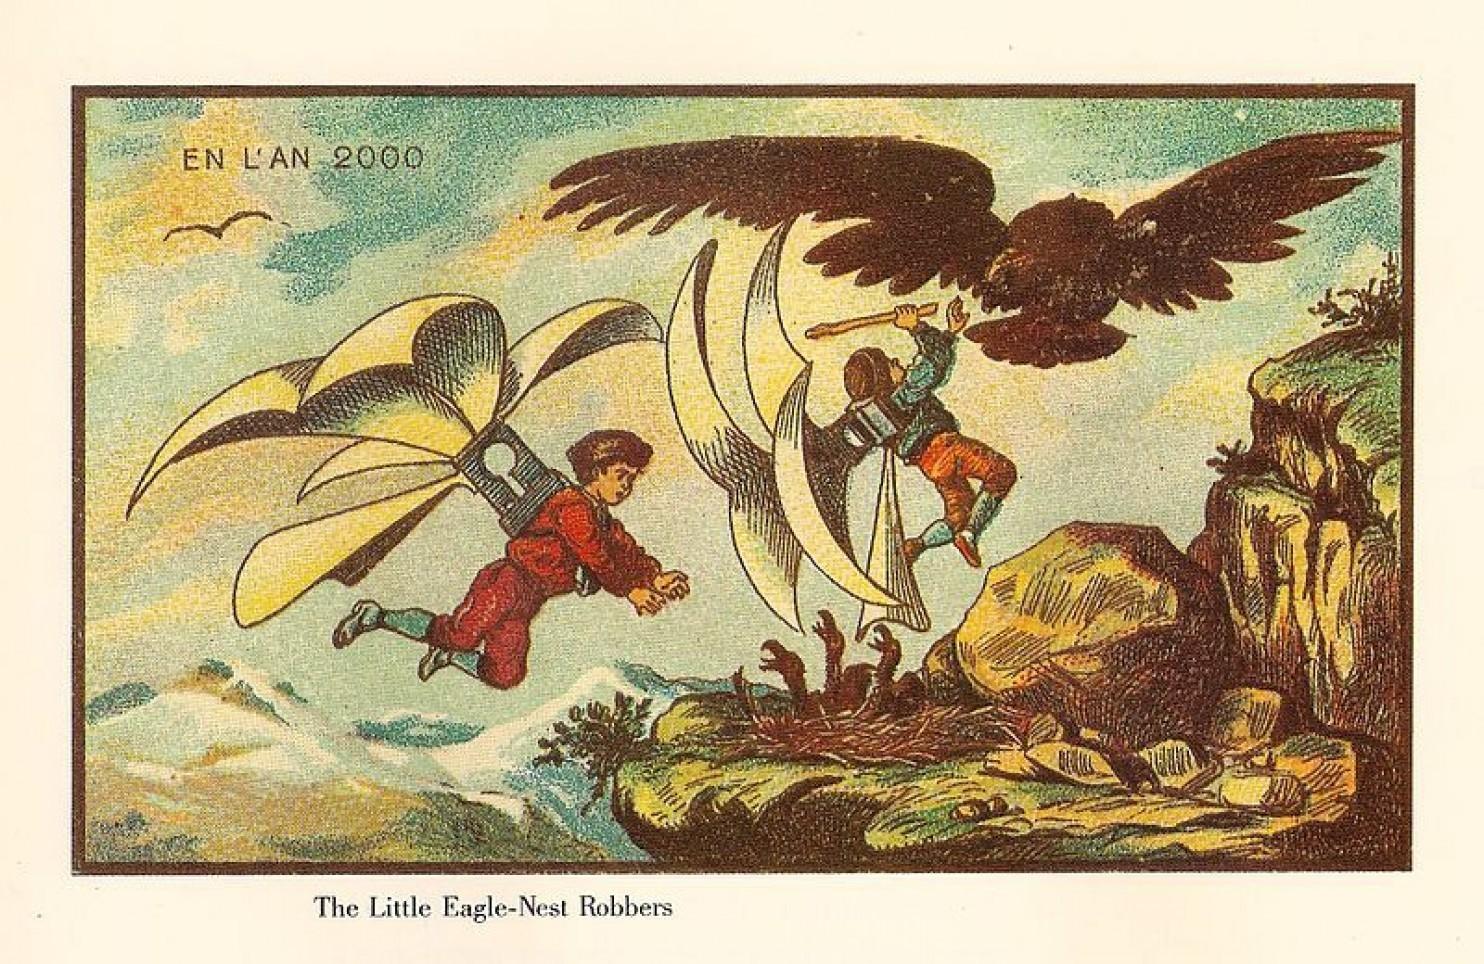 como imaginaban el futuro en 1900 ilustraciones 16